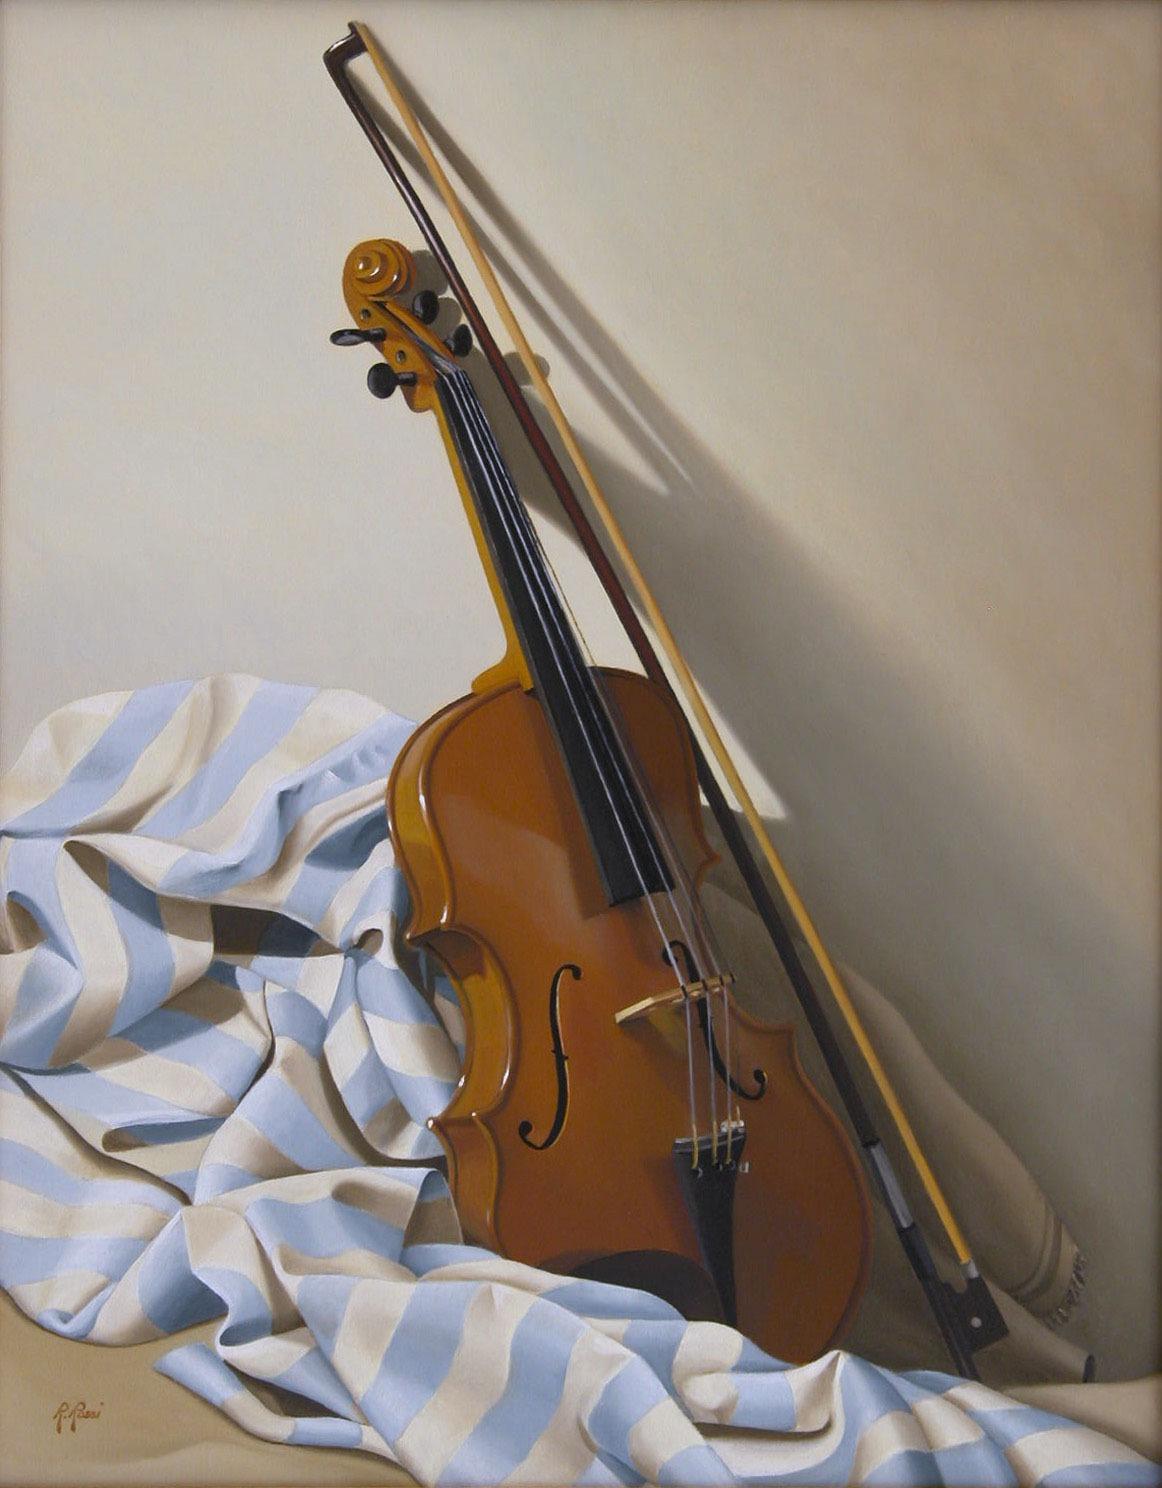 2008 roberta rossi - Dopo il concerto - olio su tela - 50 x 40